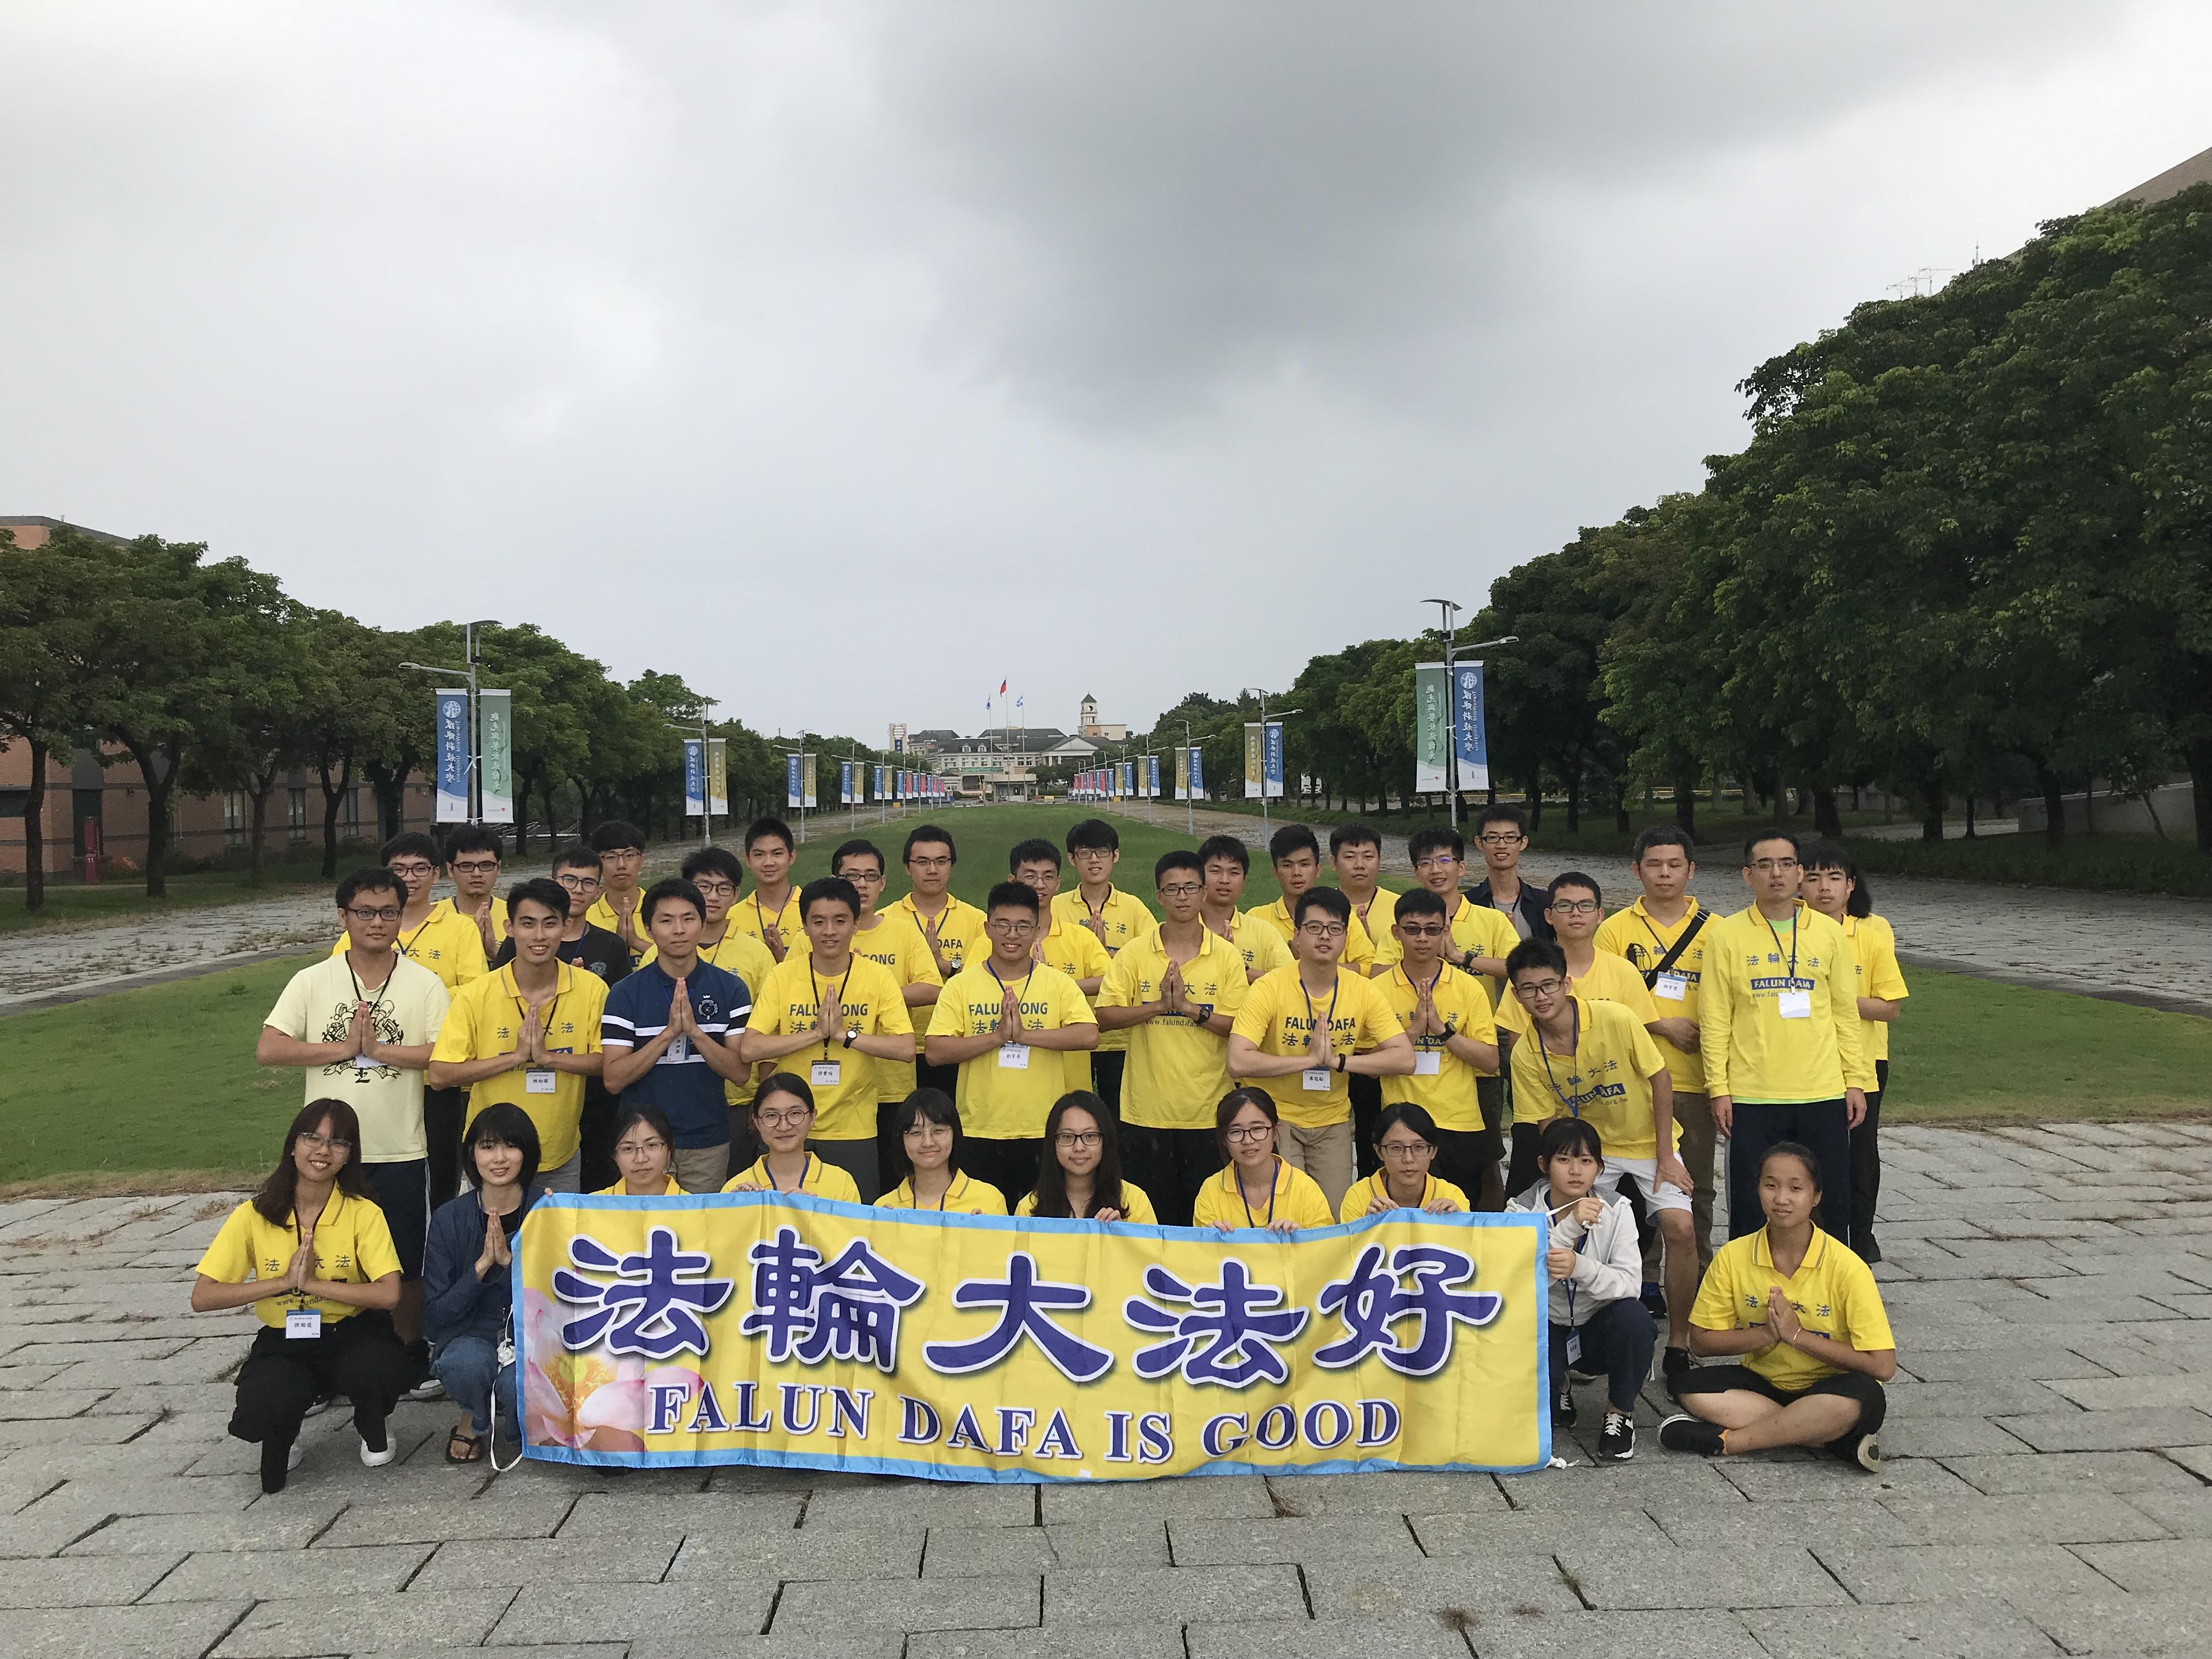 法輪大法台灣青年營 感受超強正能量